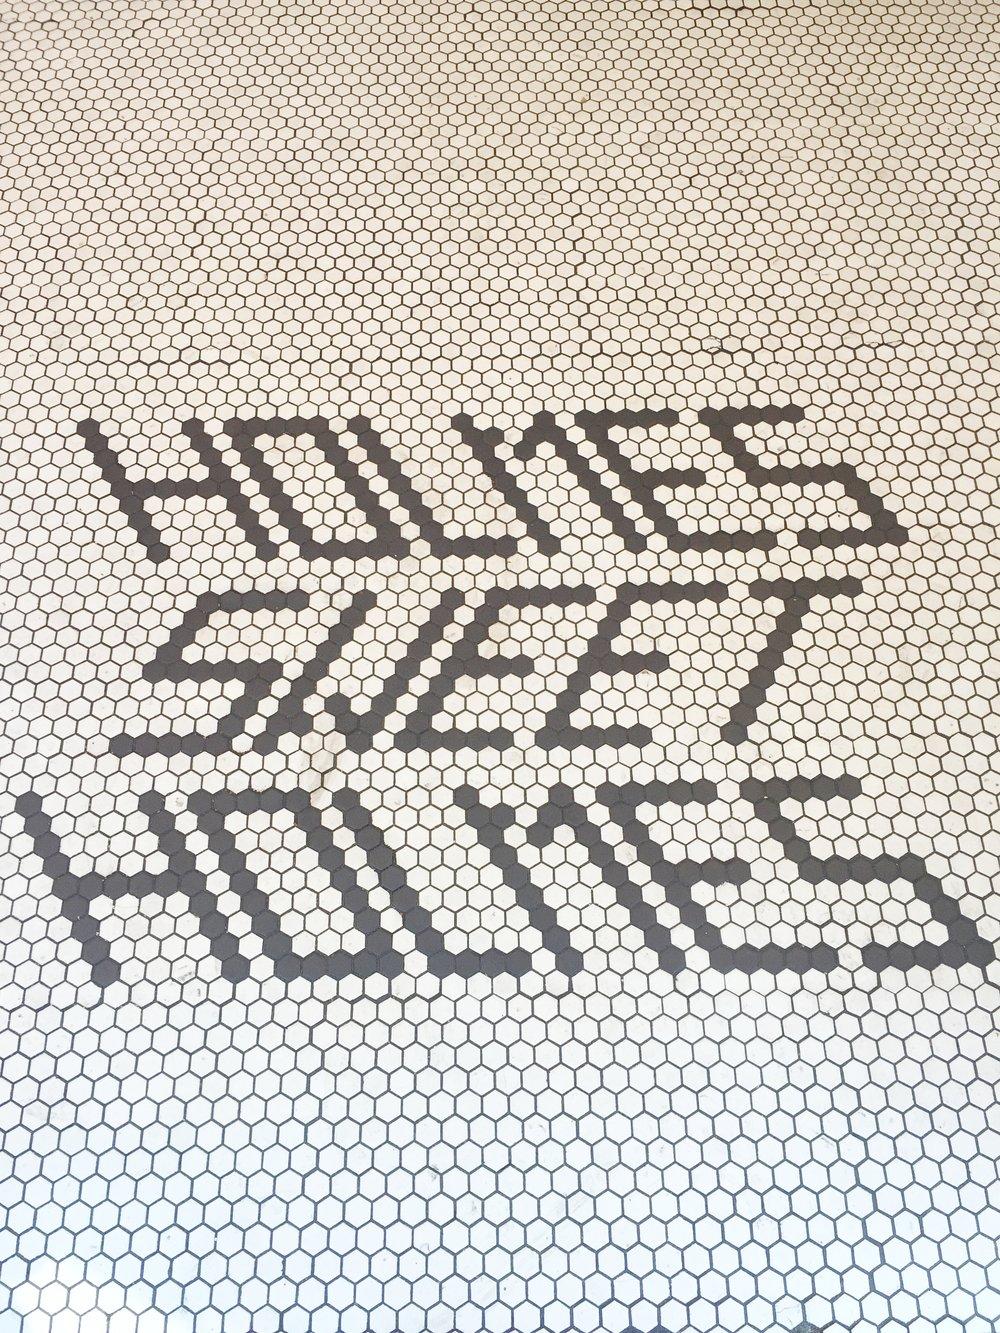 sanfrancisco,bakery,mrholmesbakehouse,holmessweetholmes,delicious,bakehouse